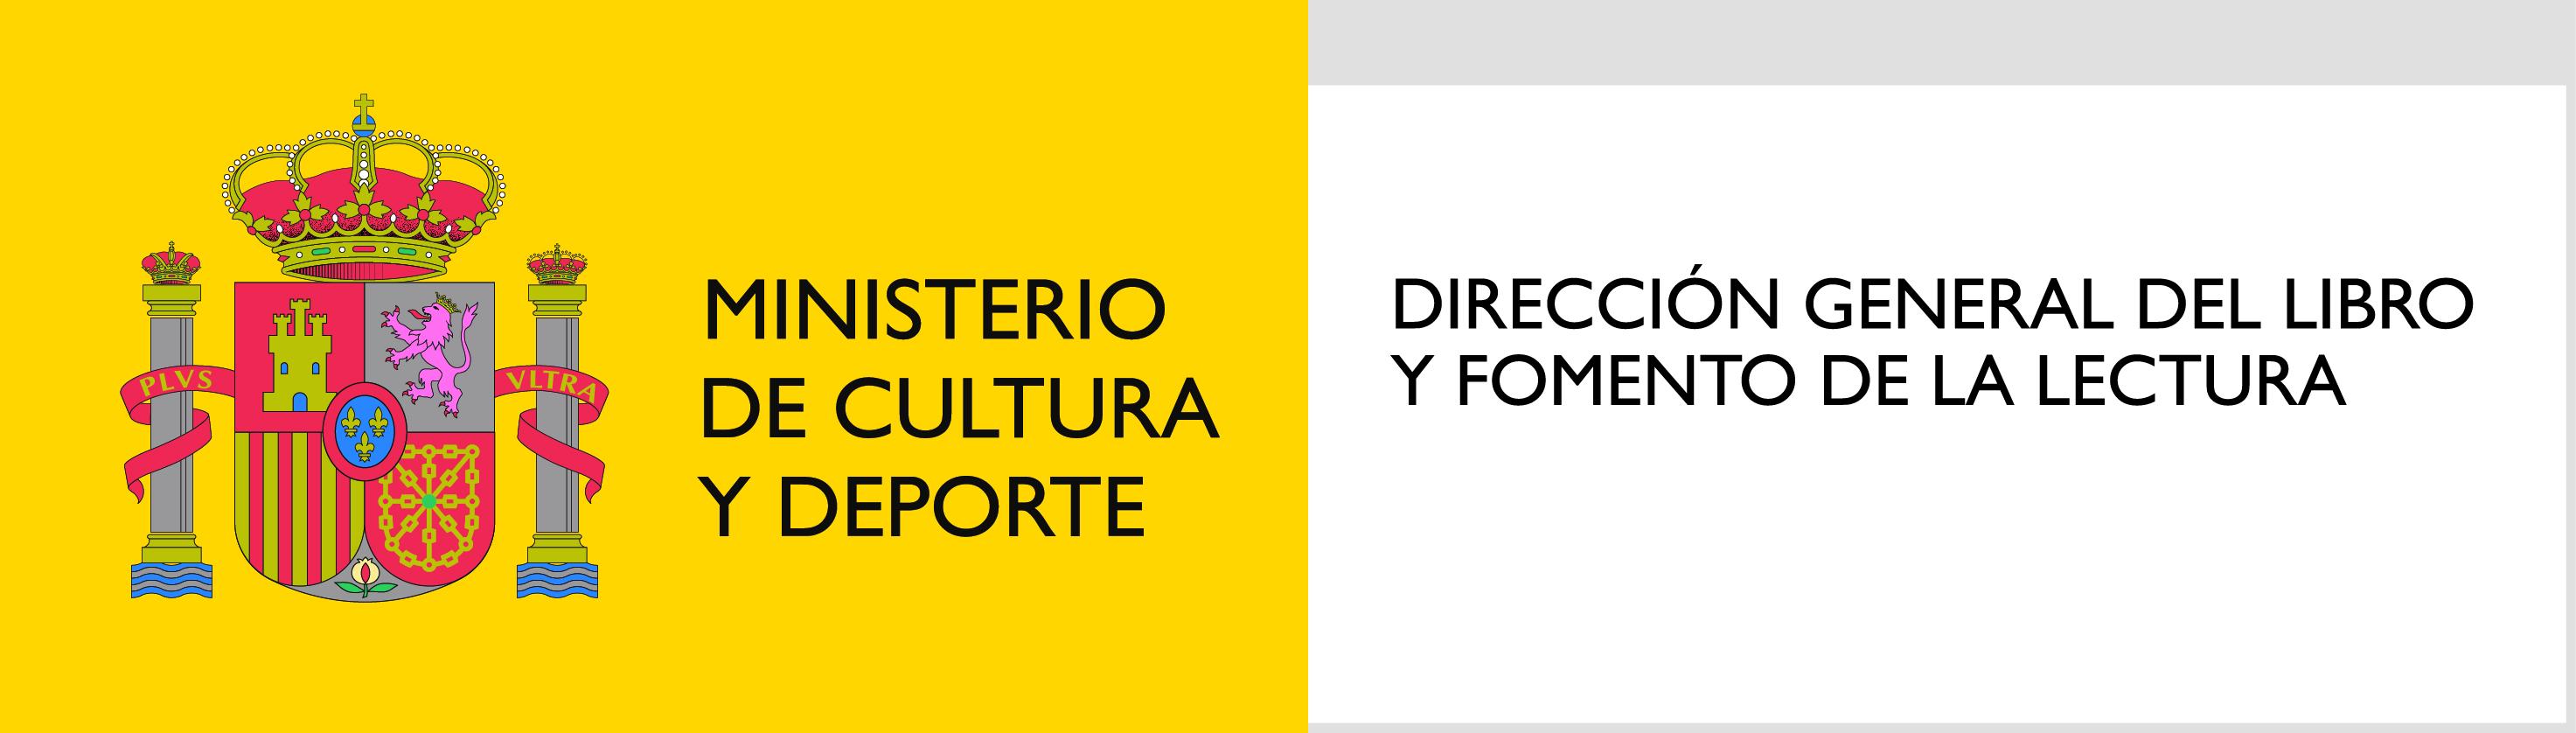 Ministerio Cultura DG libro